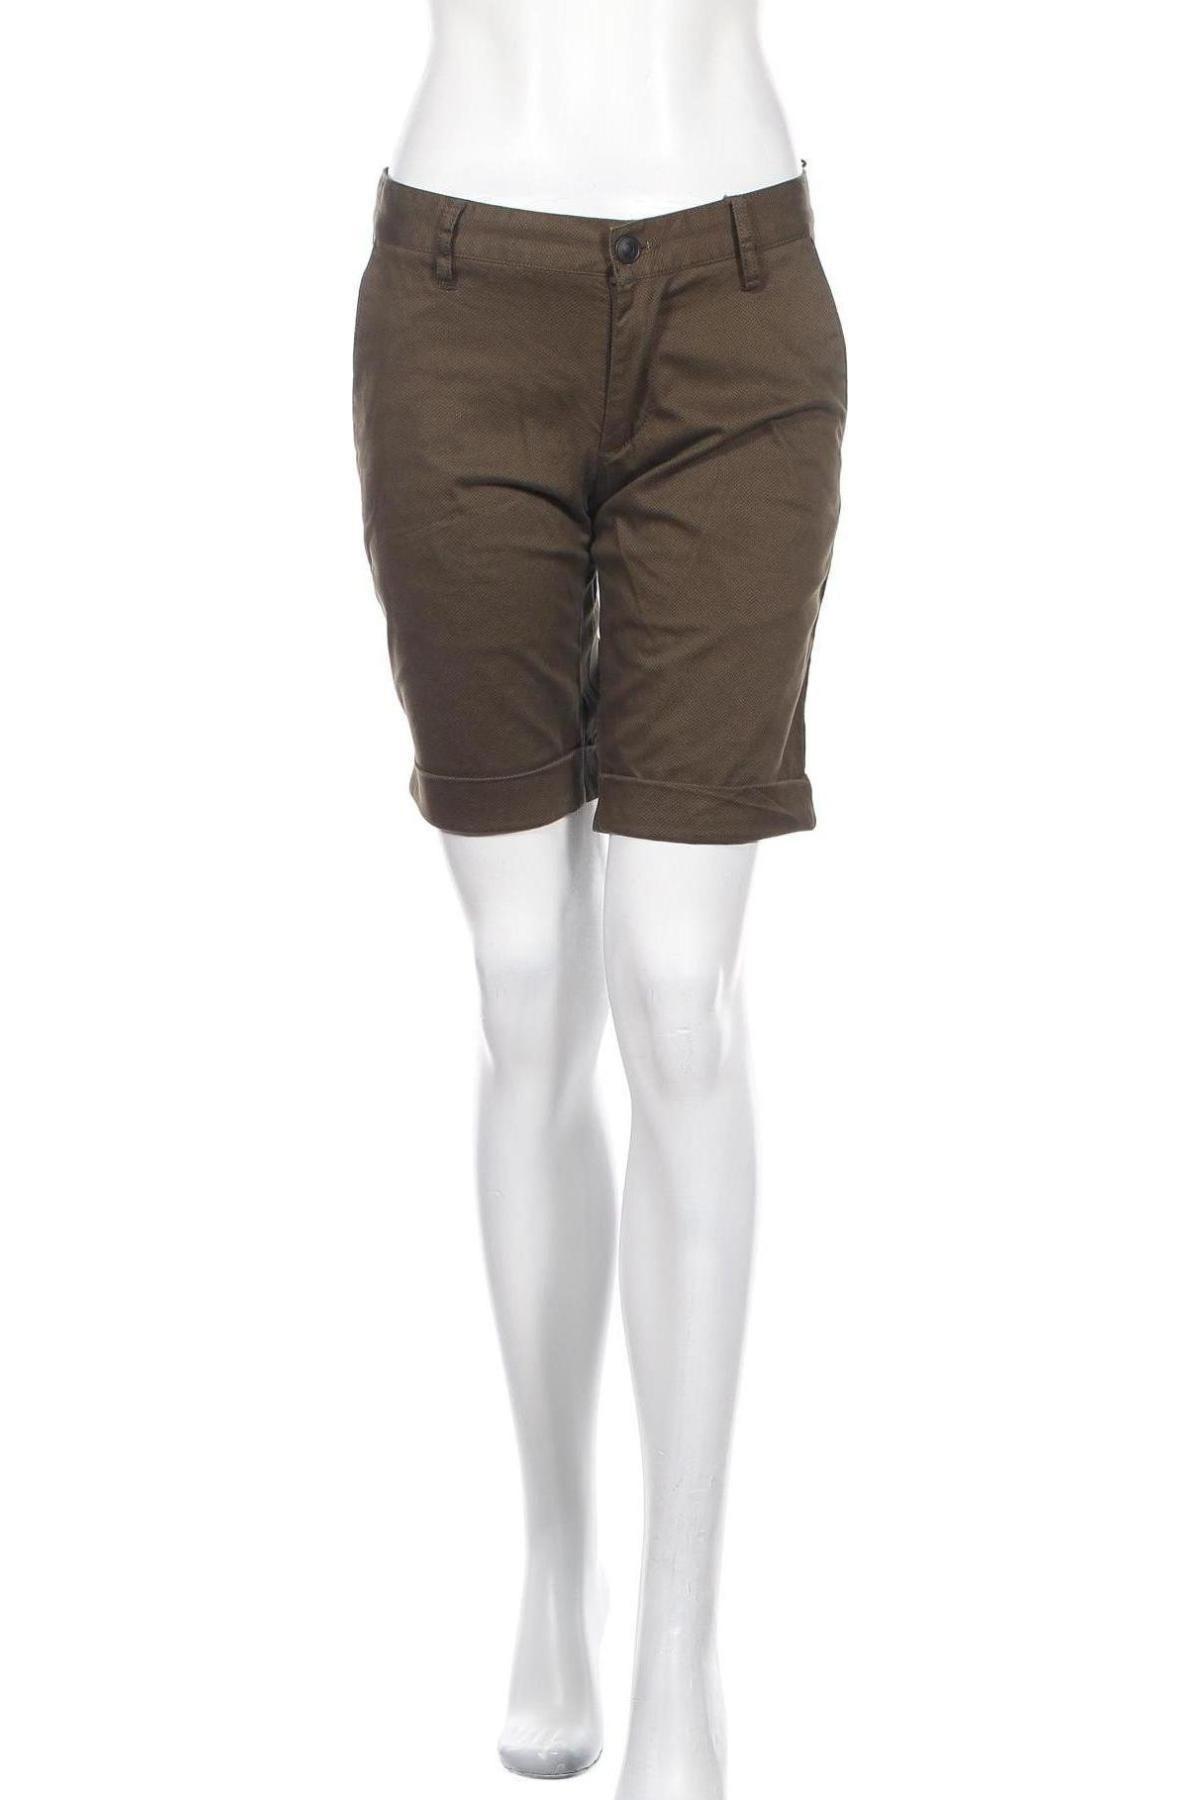 Γυναικείο κοντό παντελόνι Deep End, Μέγεθος S, Χρώμα Πράσινο, 97% βαμβάκι, 3% ελαστάνη, Τιμή 15,16€